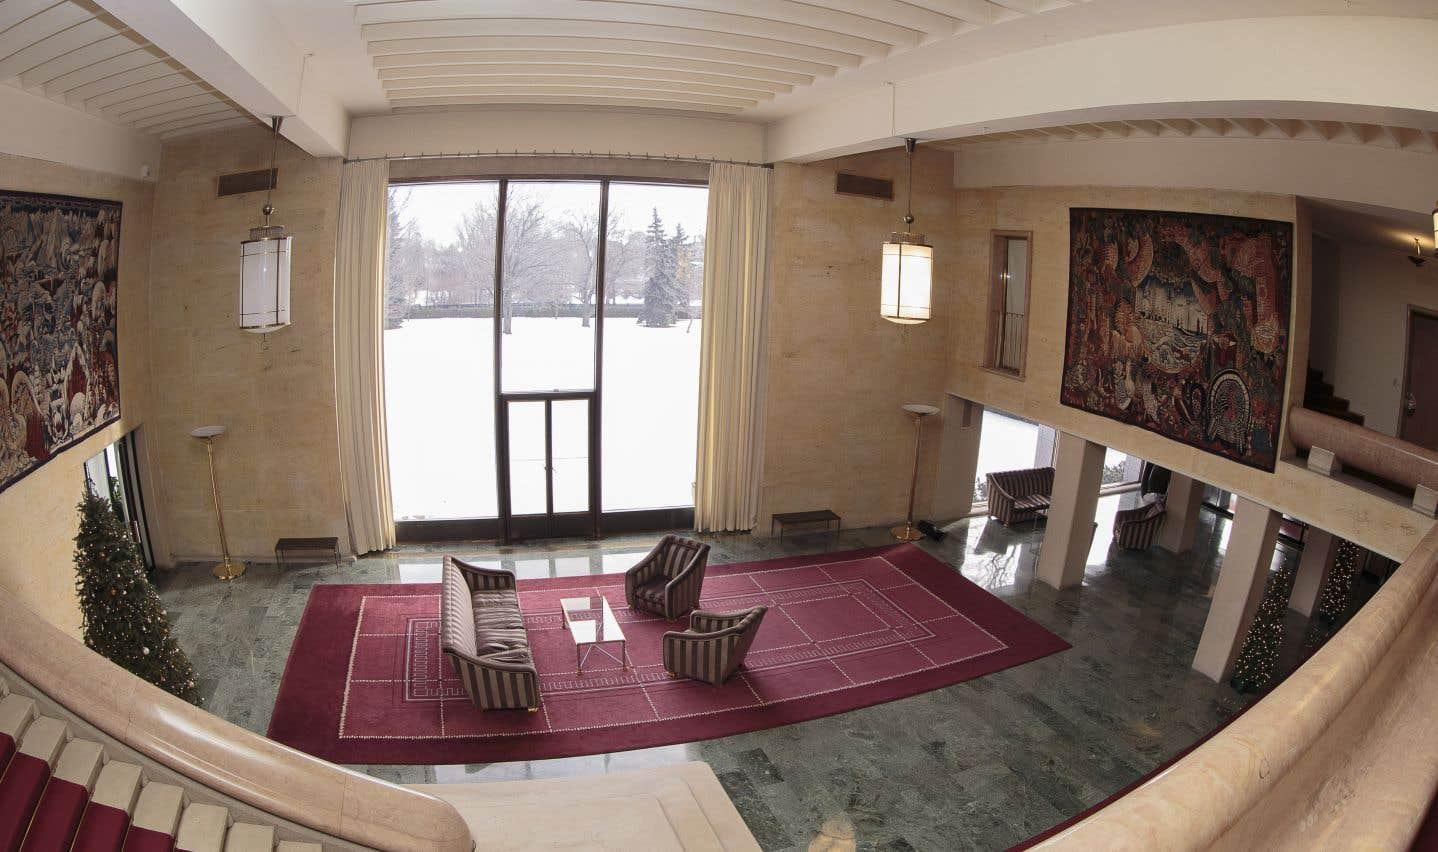 Le majestueux hall d'entrée et son escalier de marbre rose